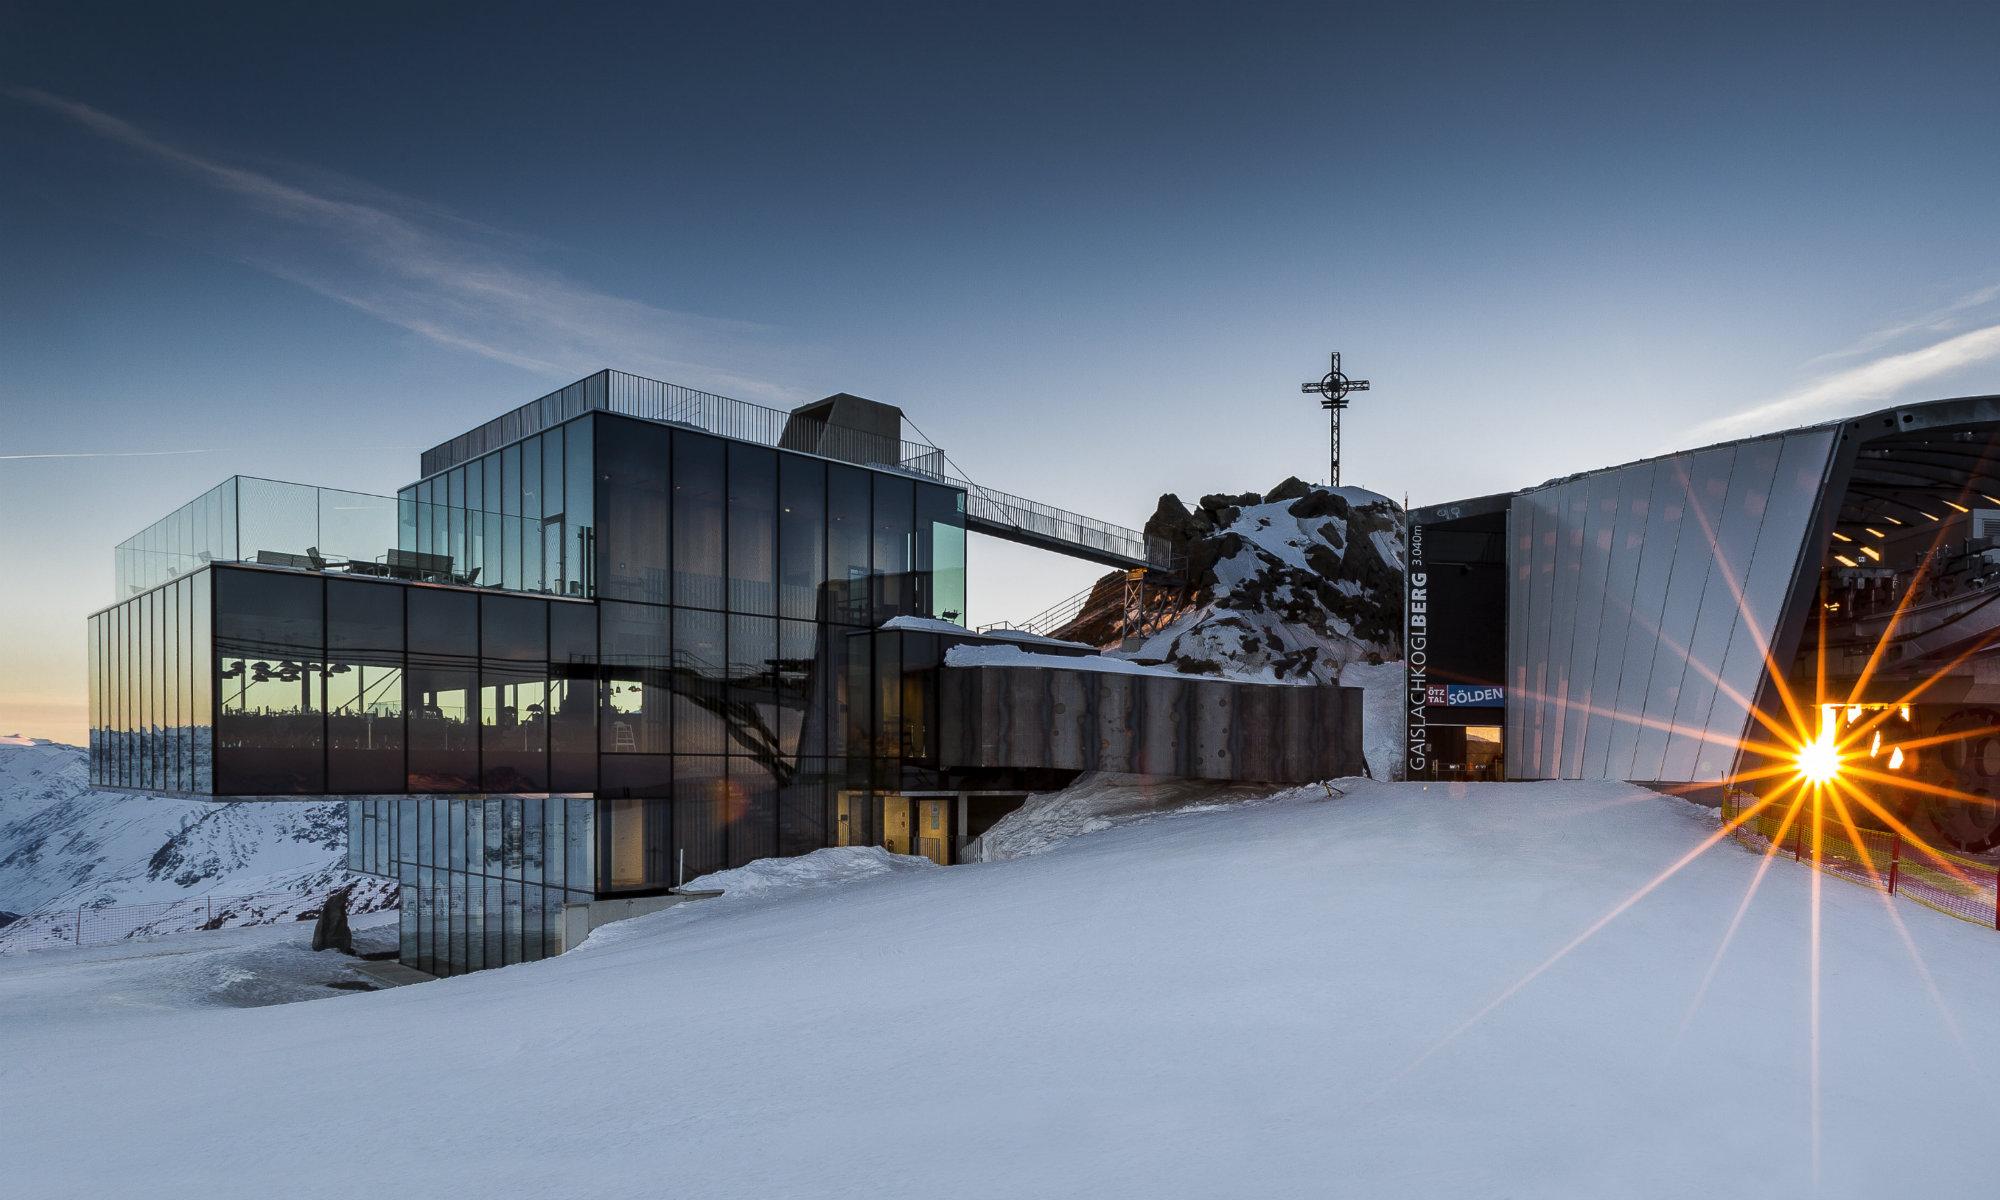 Il ristorante ice Q combina delizie culinarie con un'architettura futuristica.